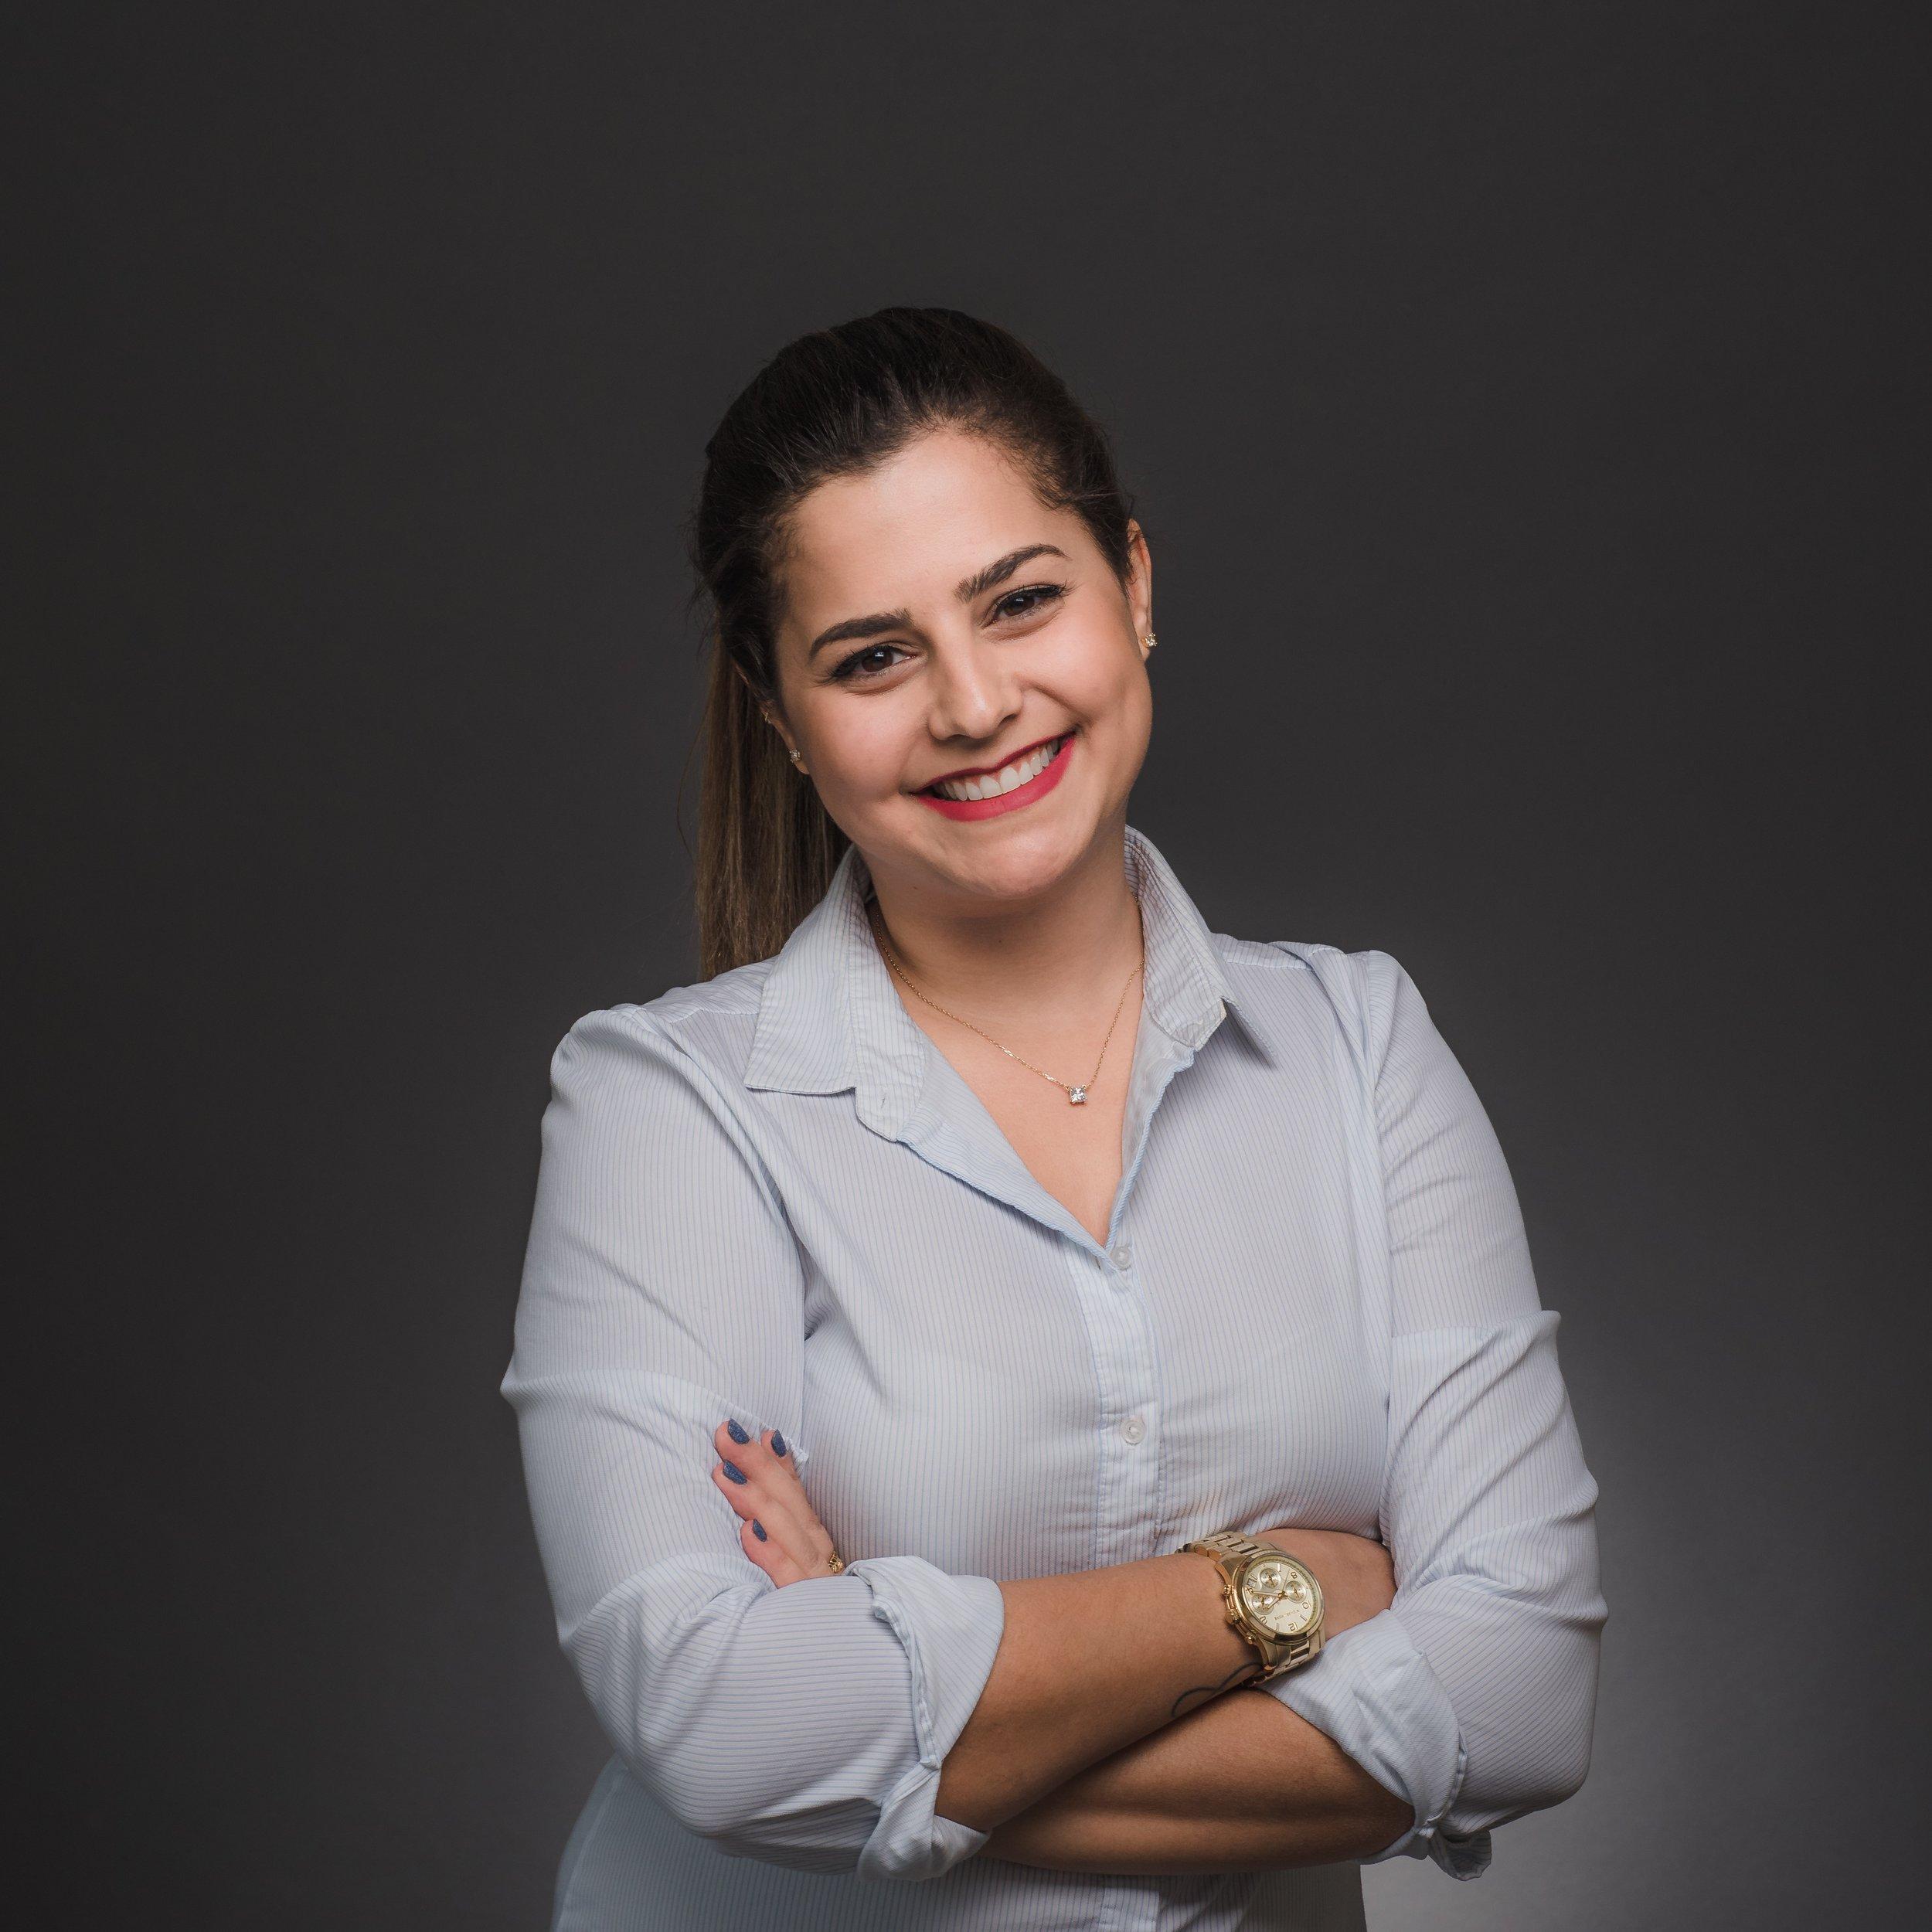 Yaara Kanyas is the Partnerships & Marketing Manager at   Tunity   .